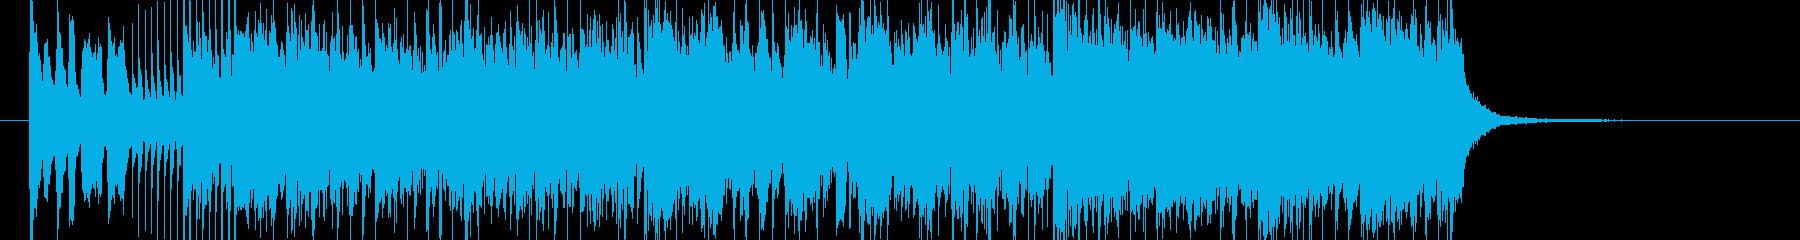 不思議な始まり方のレース曲の再生済みの波形